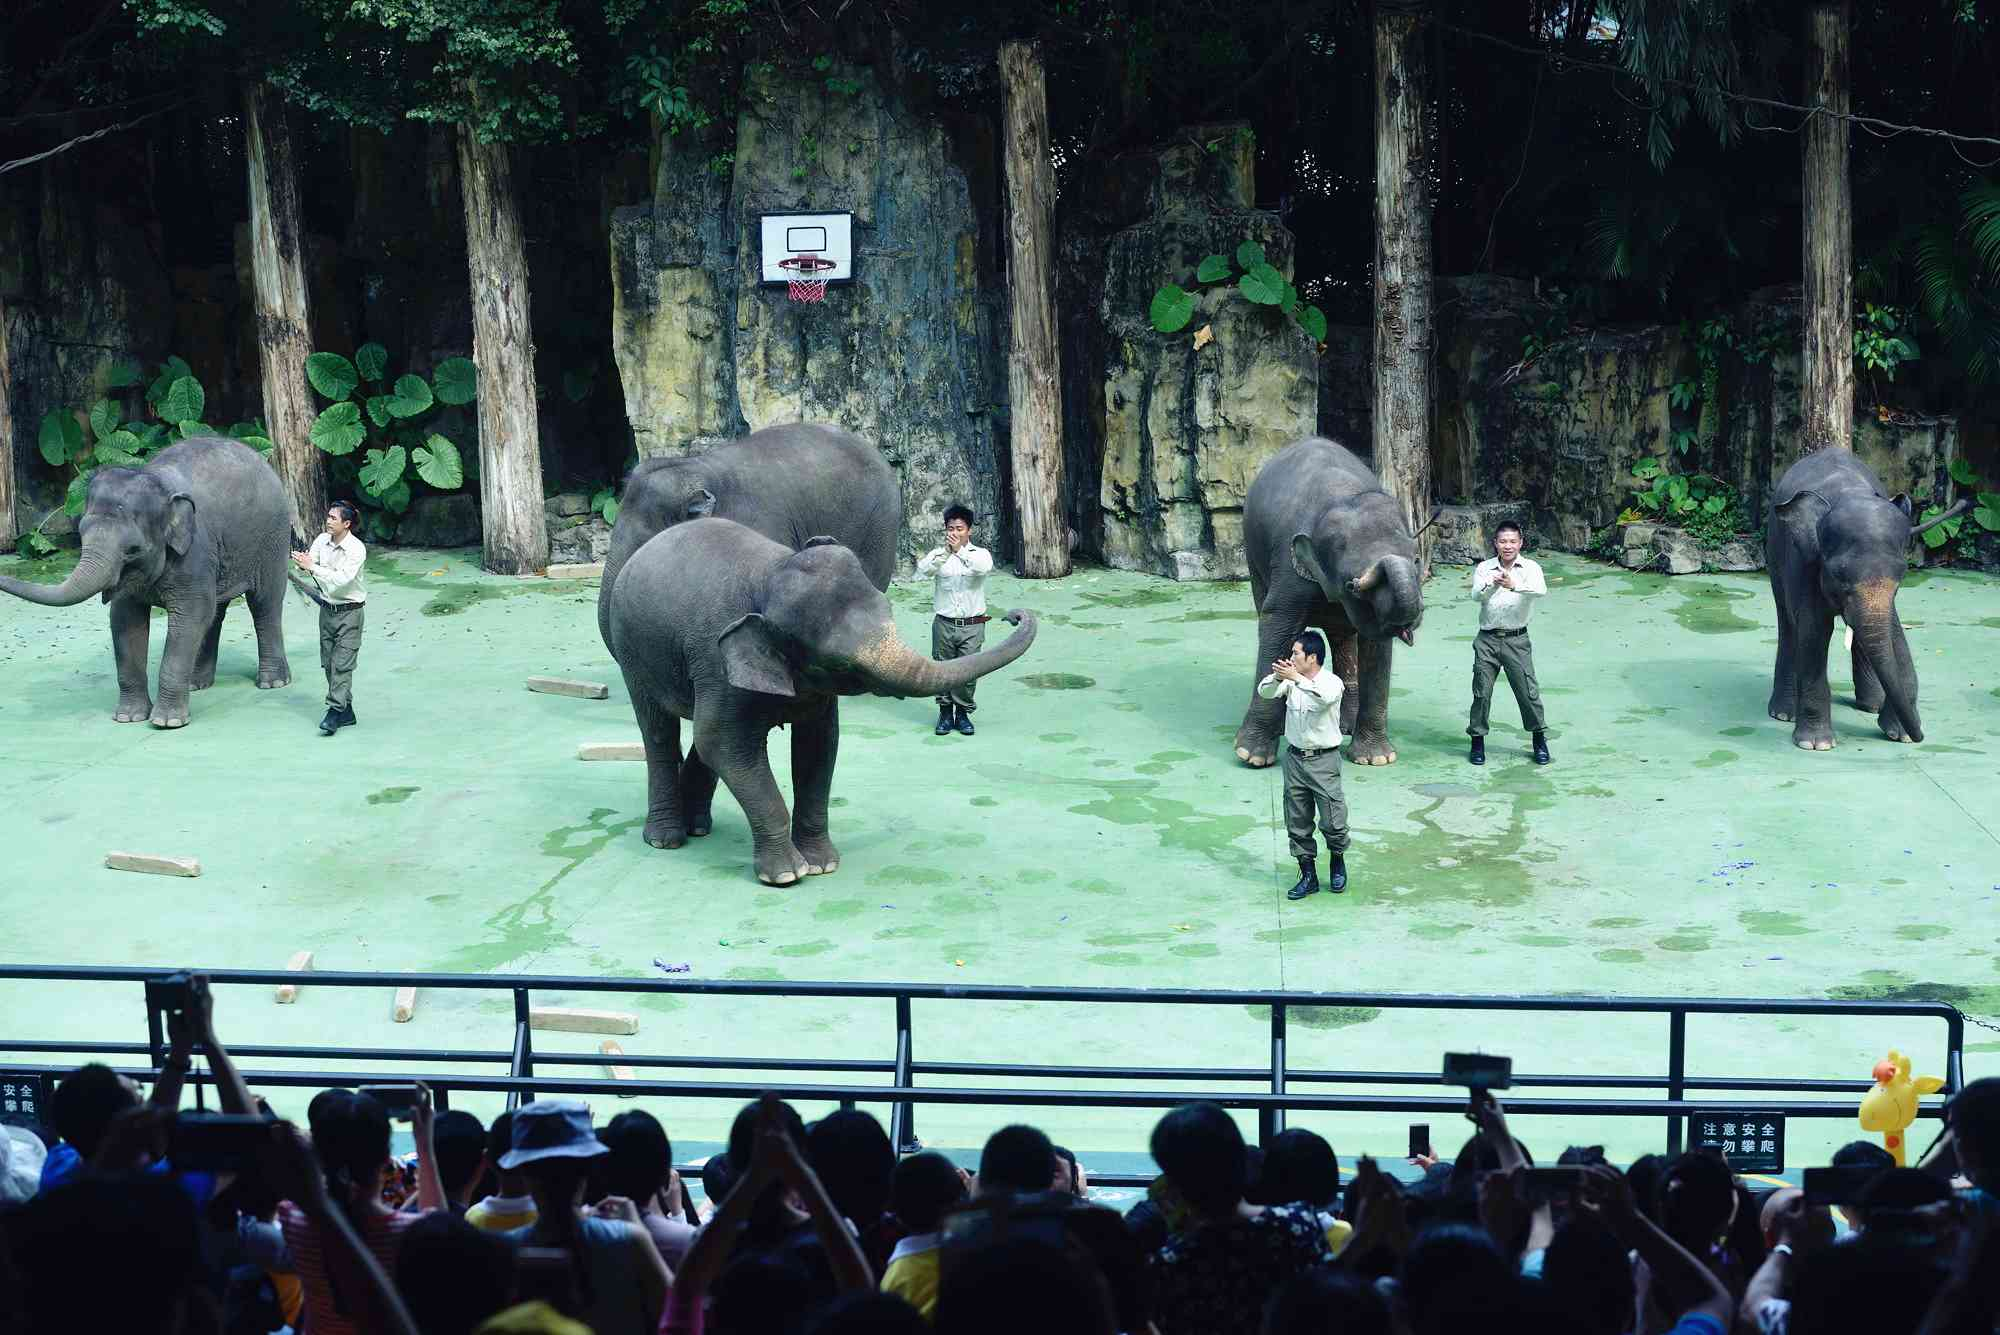 丰富多彩的动物科普课堂在长隆开展,在这里您可以了解动物的天性,倾听